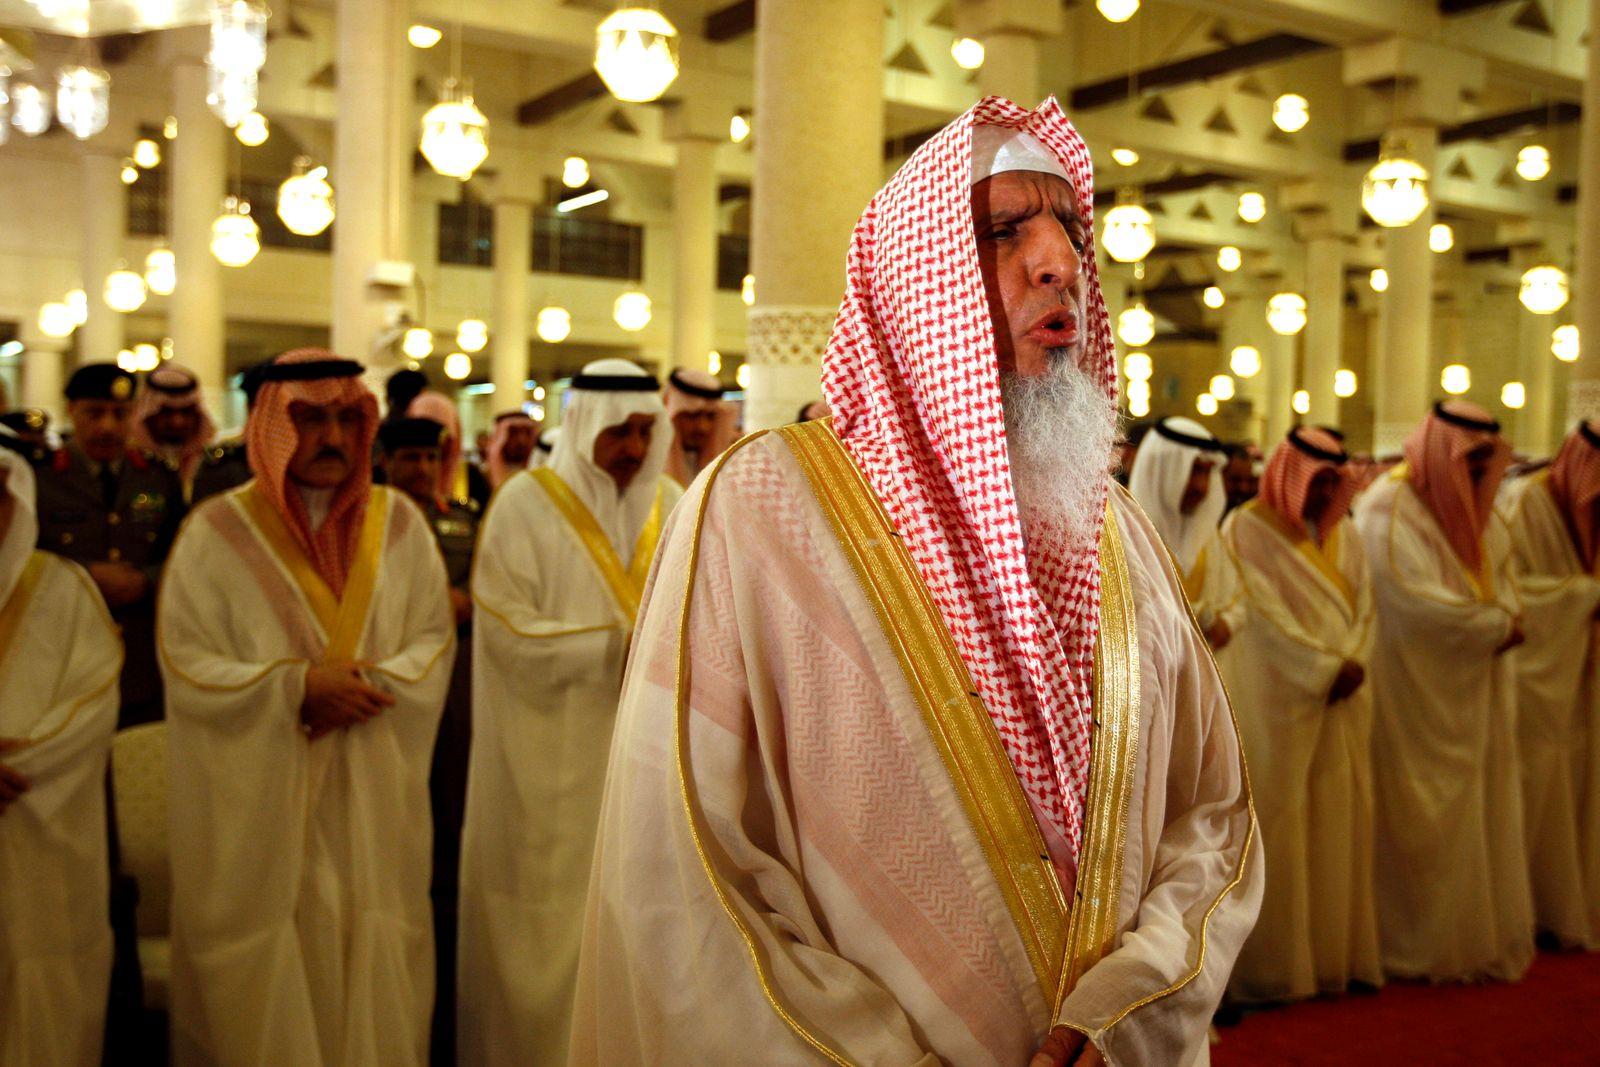 Mideast Saudi Arabia/ Sheik Abdul-Aziz Al-Sheik